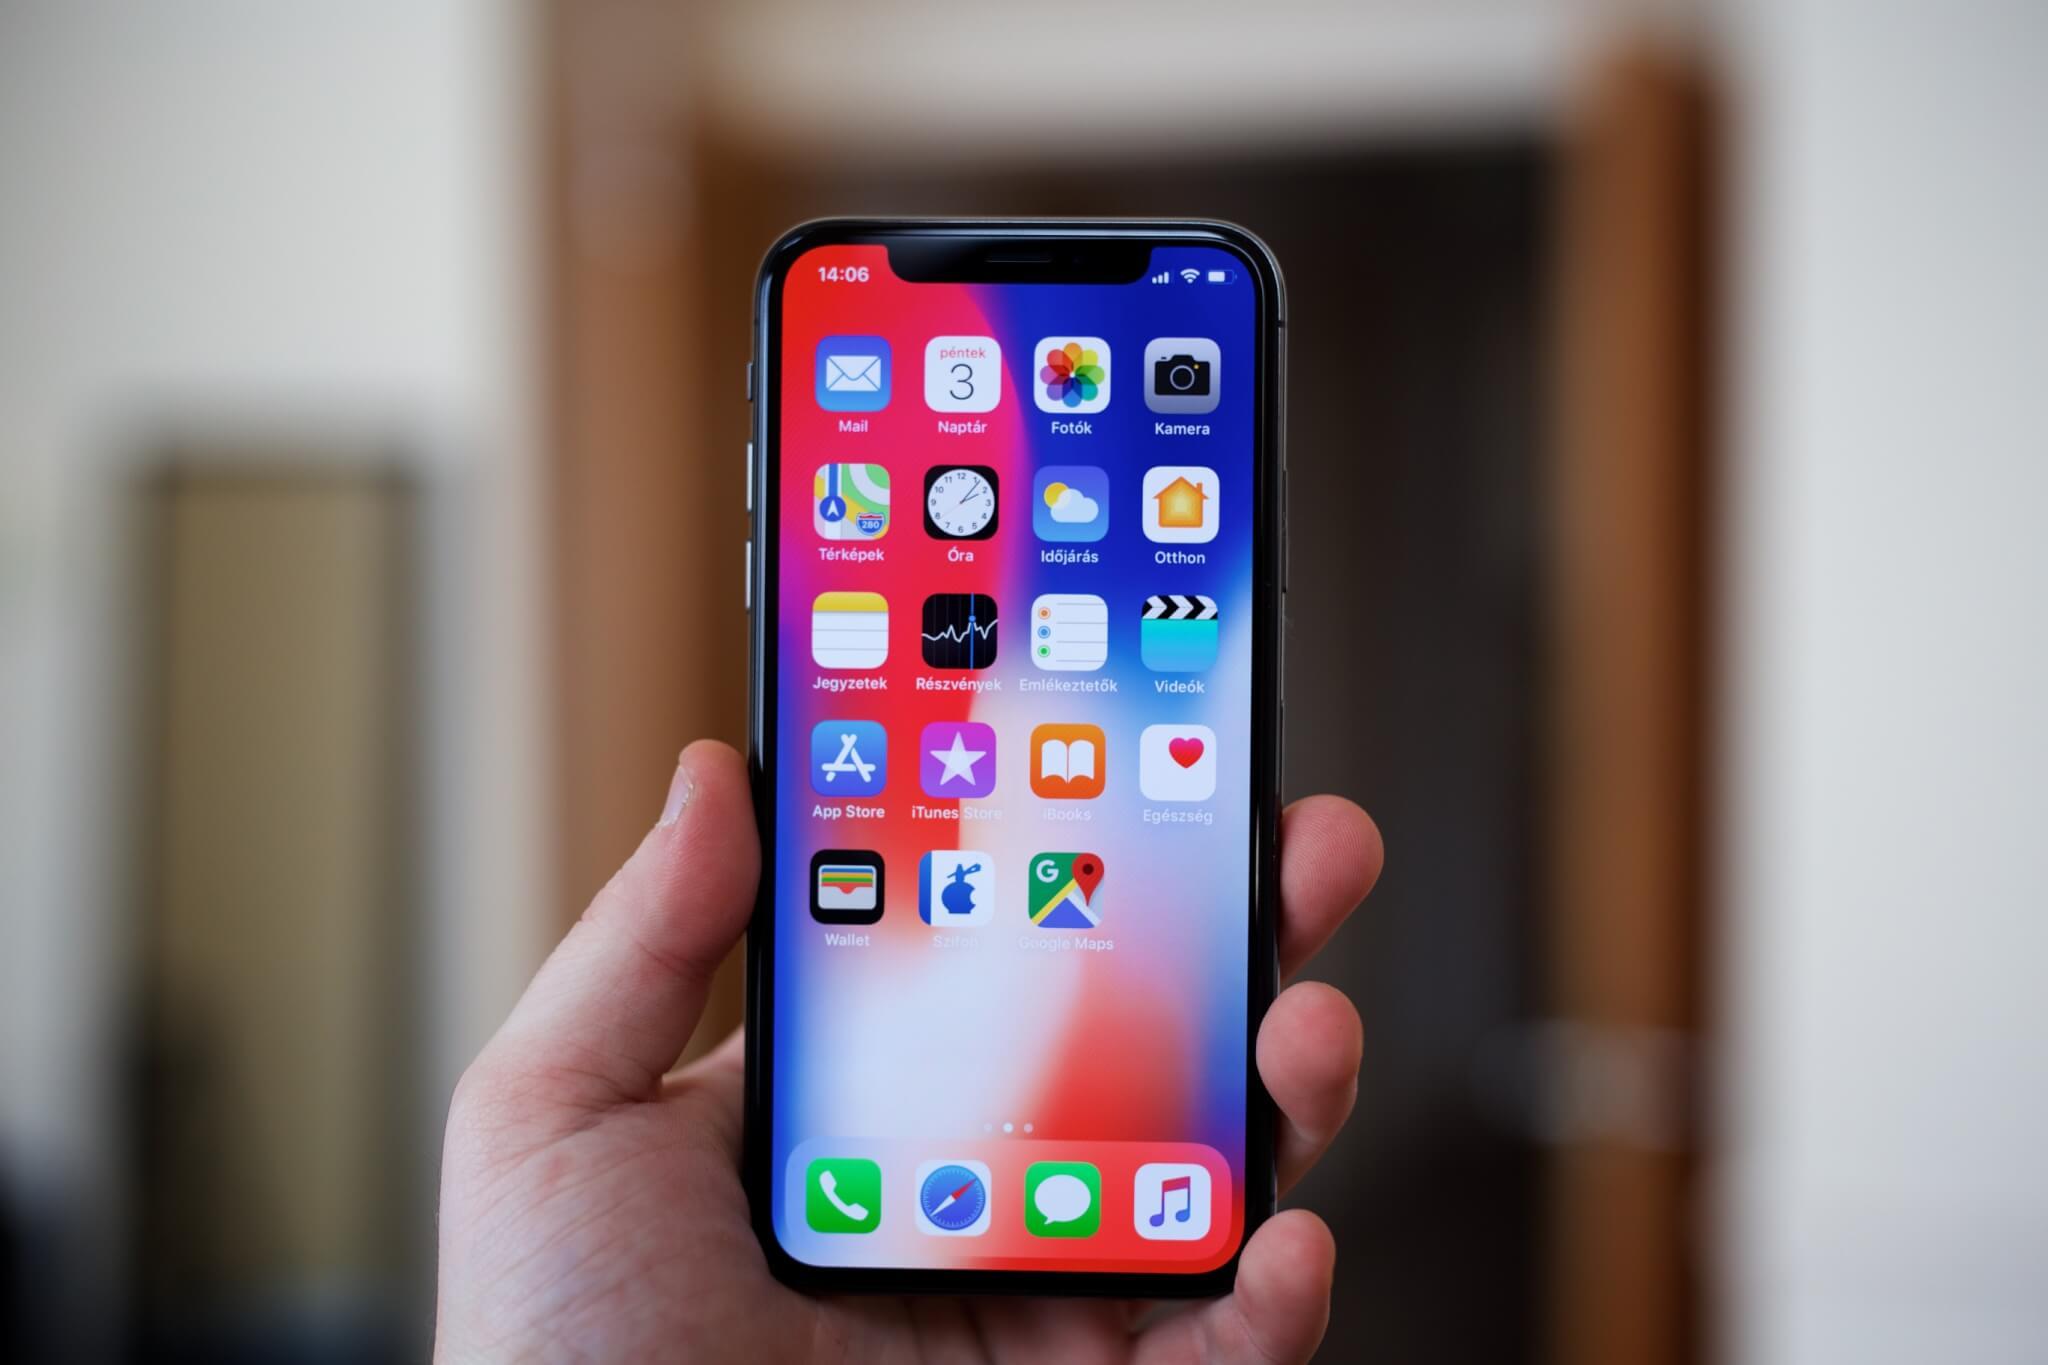 hogyan lehet online pénzt keresni az iphone-nal